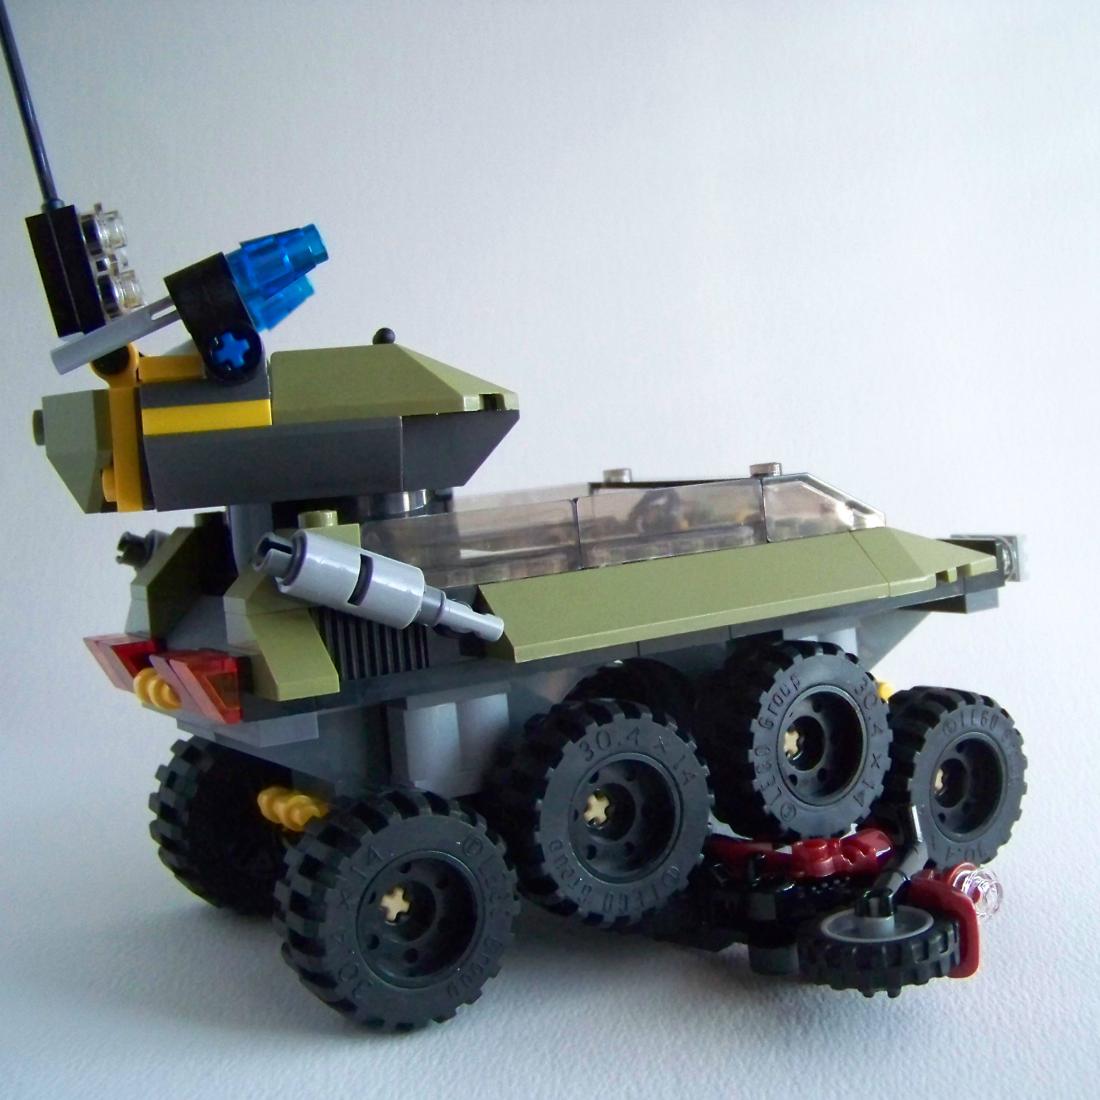 LEGO Hydra Tank